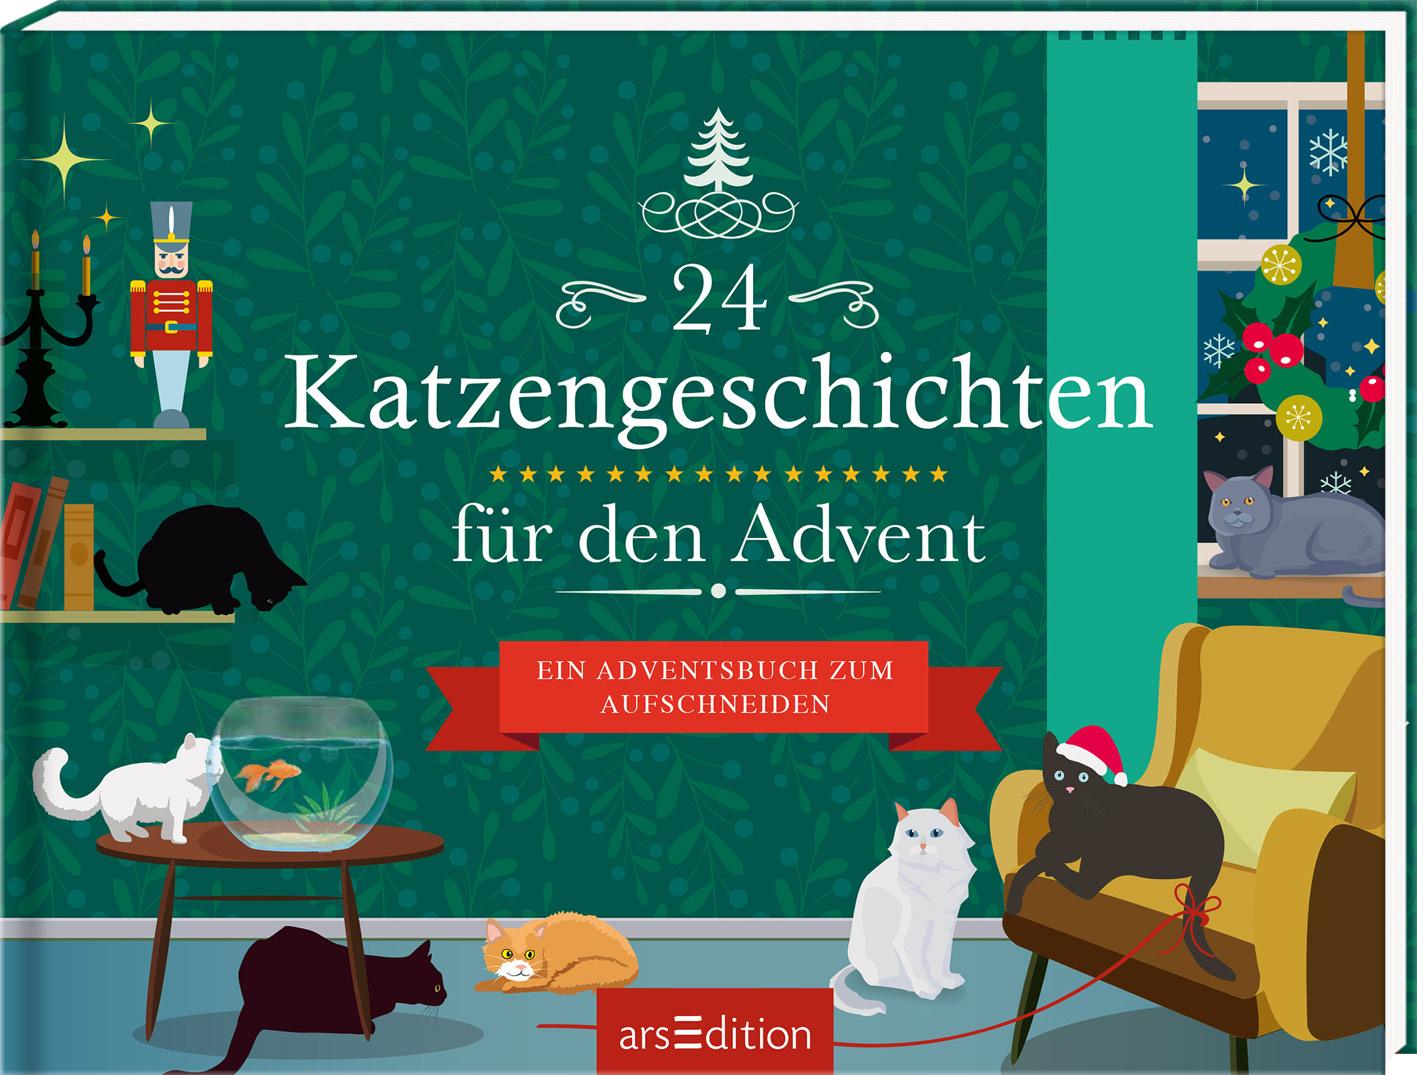 24 Katzengeschichten für den Advent - Ein Adventsbuch zum Aufschneiden